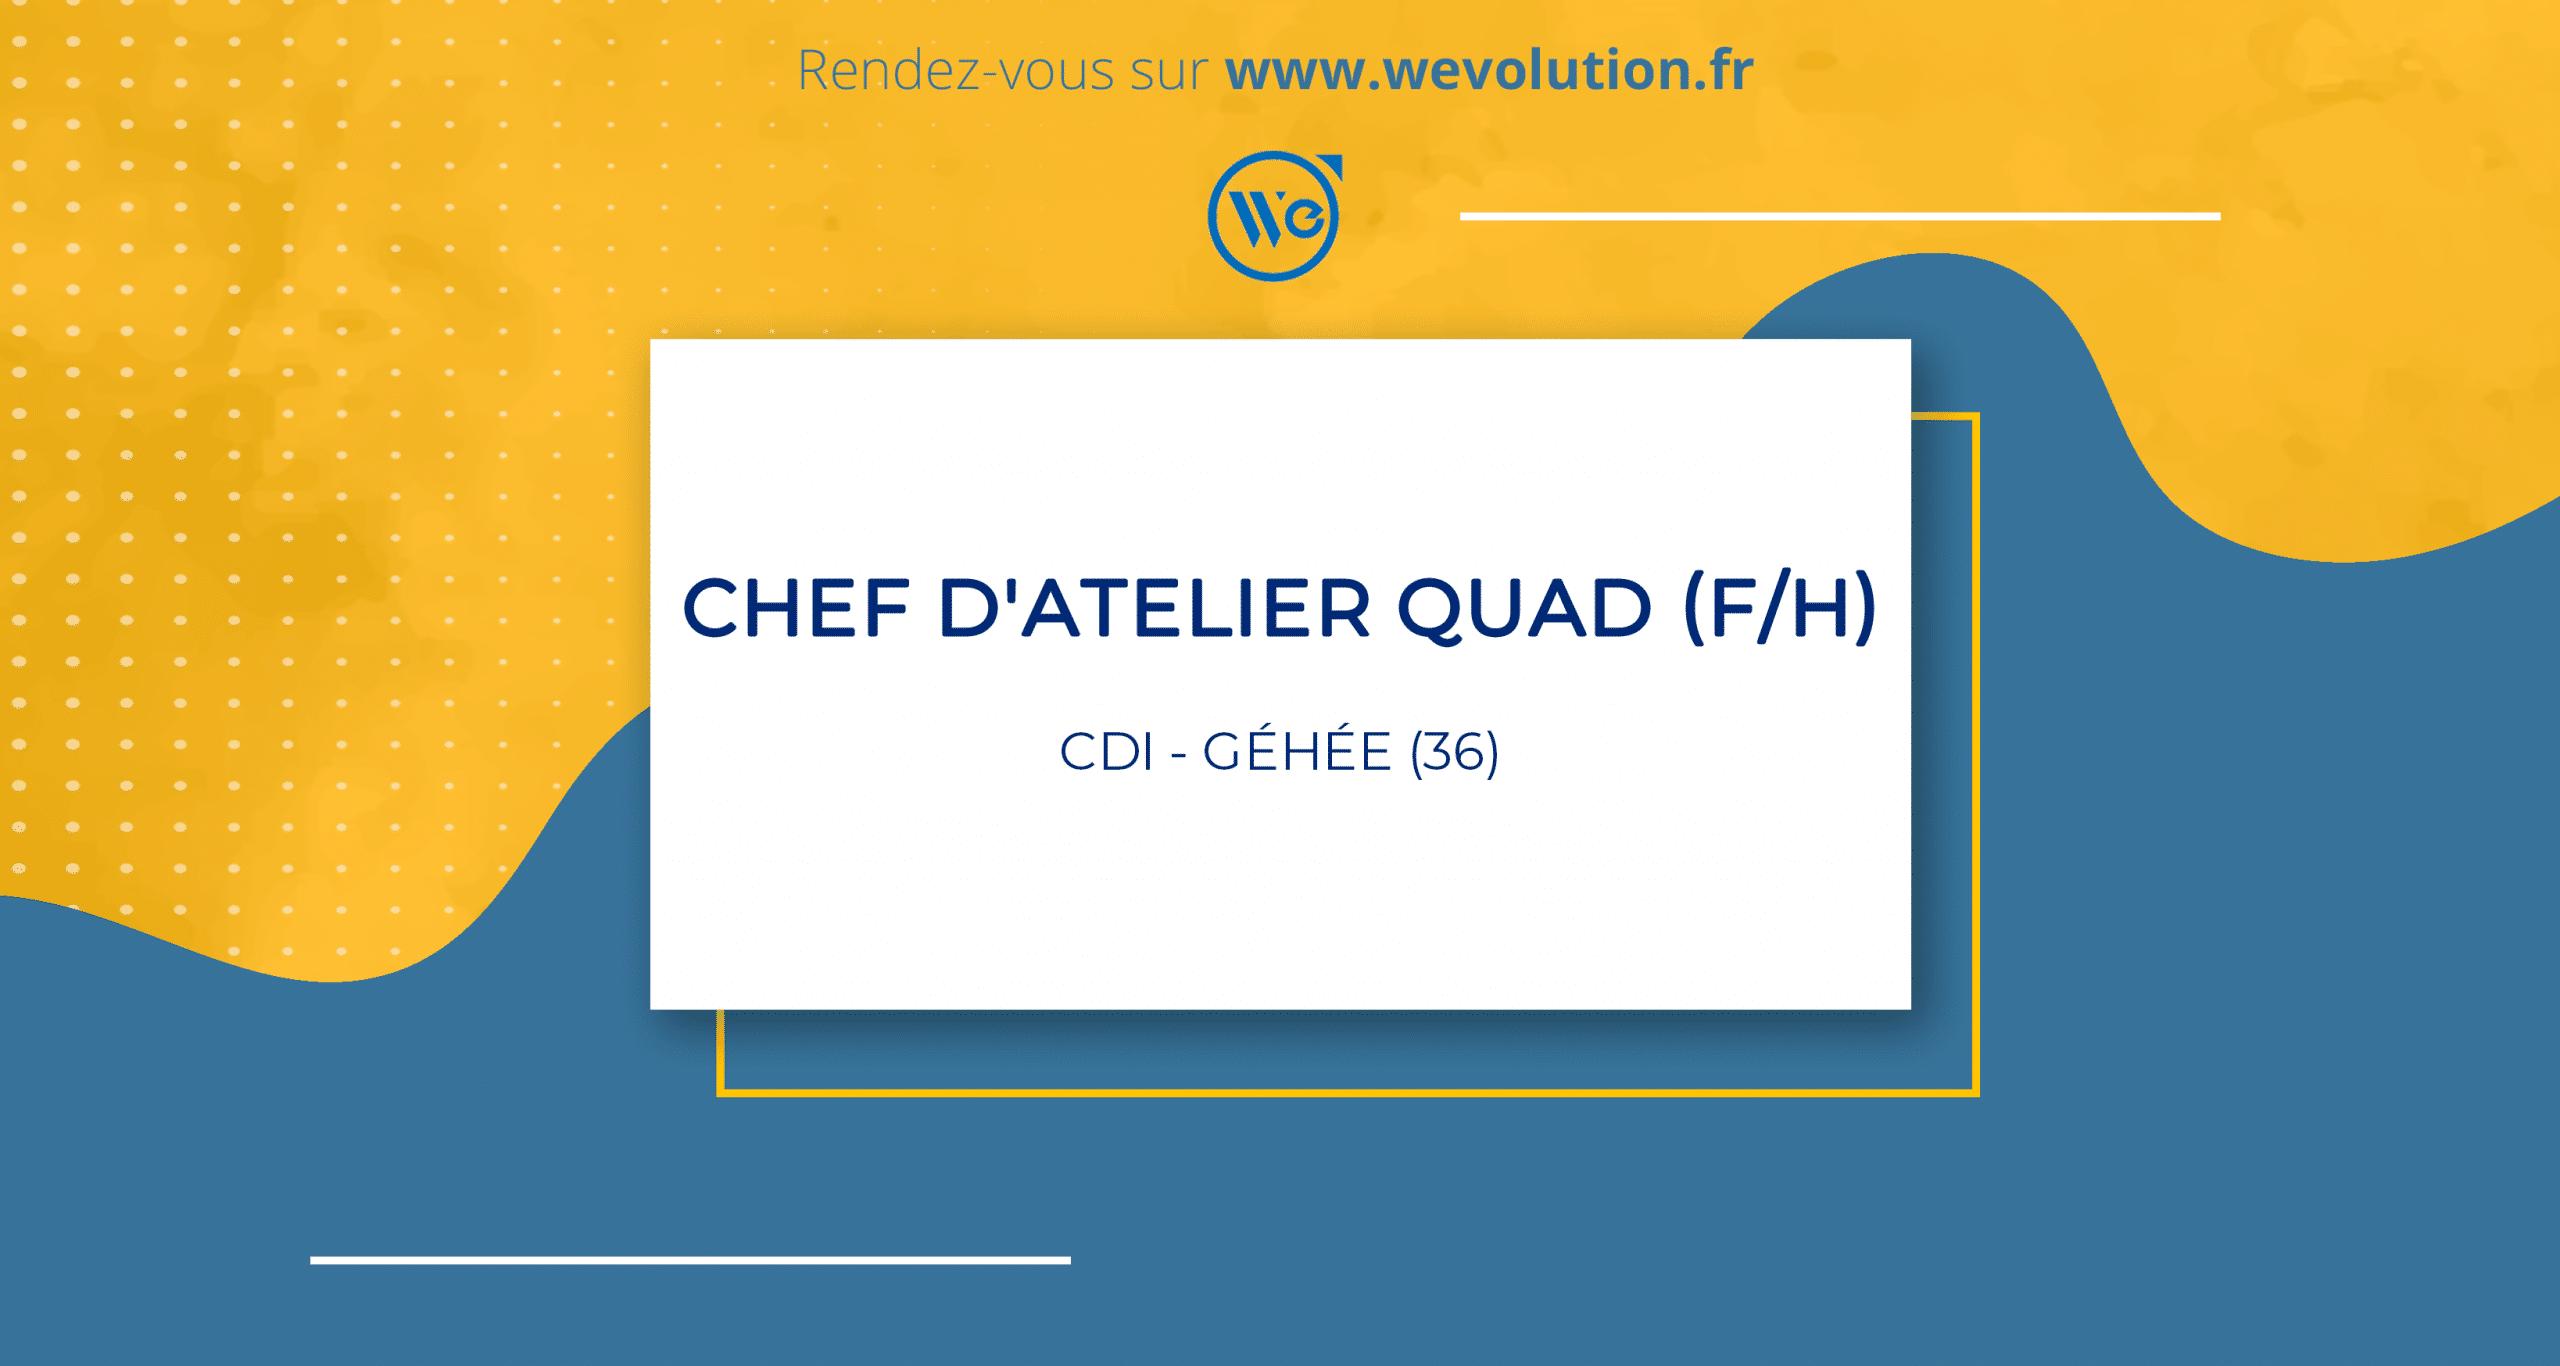 CHEF D'ATELIER QUAD – GARAGE DE CROTZ